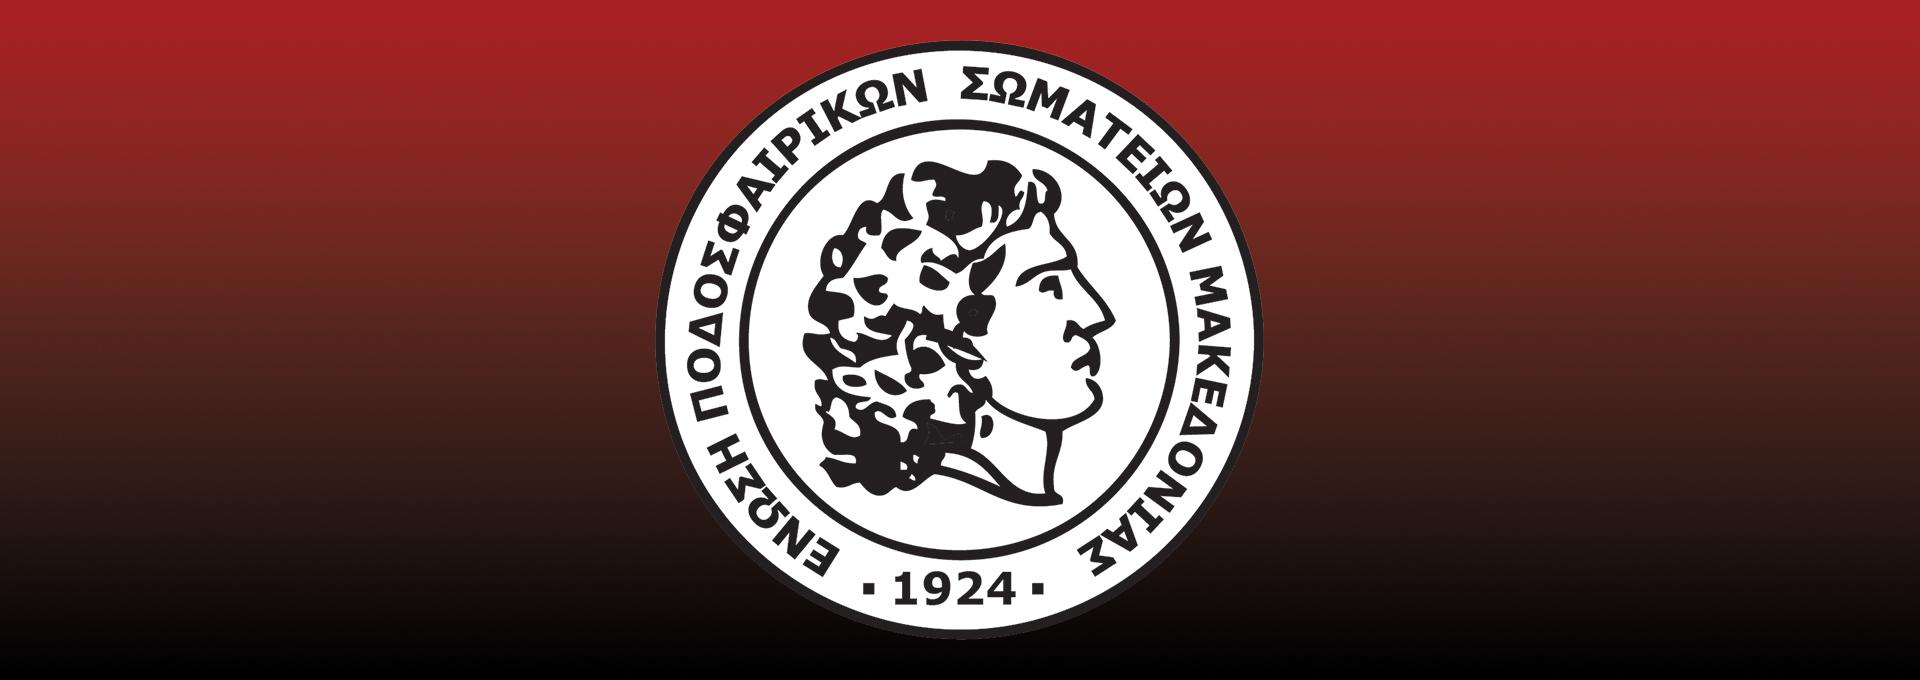 Πρωτοποριακό πρόγραμμα της Ε.Π.Σ. Μακεδονίας  για ορθοπεδικές χειρουργικές επεμβάσεις ερασιτεχνών ποδοσφαιριστών  που τραυματίζονται κατά τη  διάρκεια  αγώνα